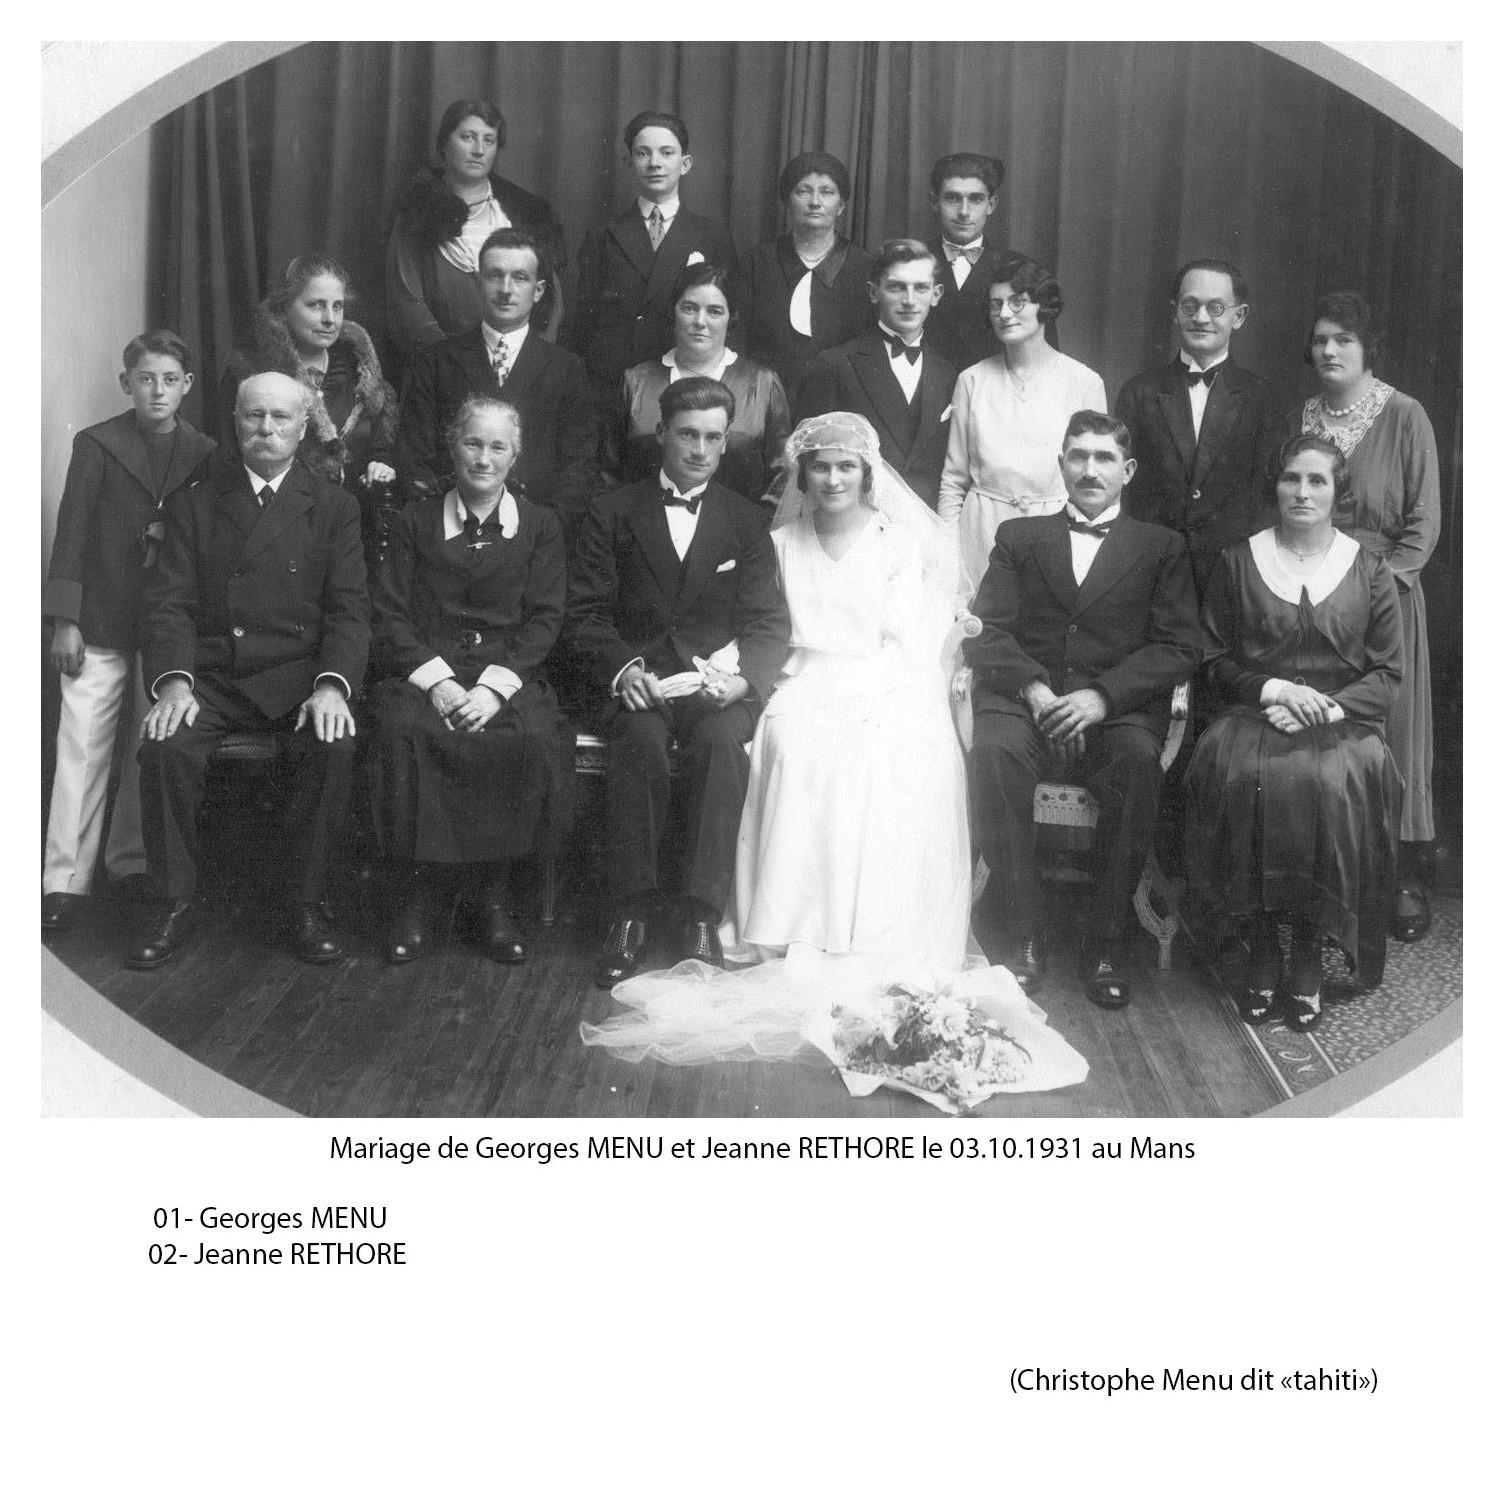 Le Mans - Mariage - MENU Georges et RETHORE Jeanne - 3 octobre 1931 (Christophe Menu dit Tahiti)